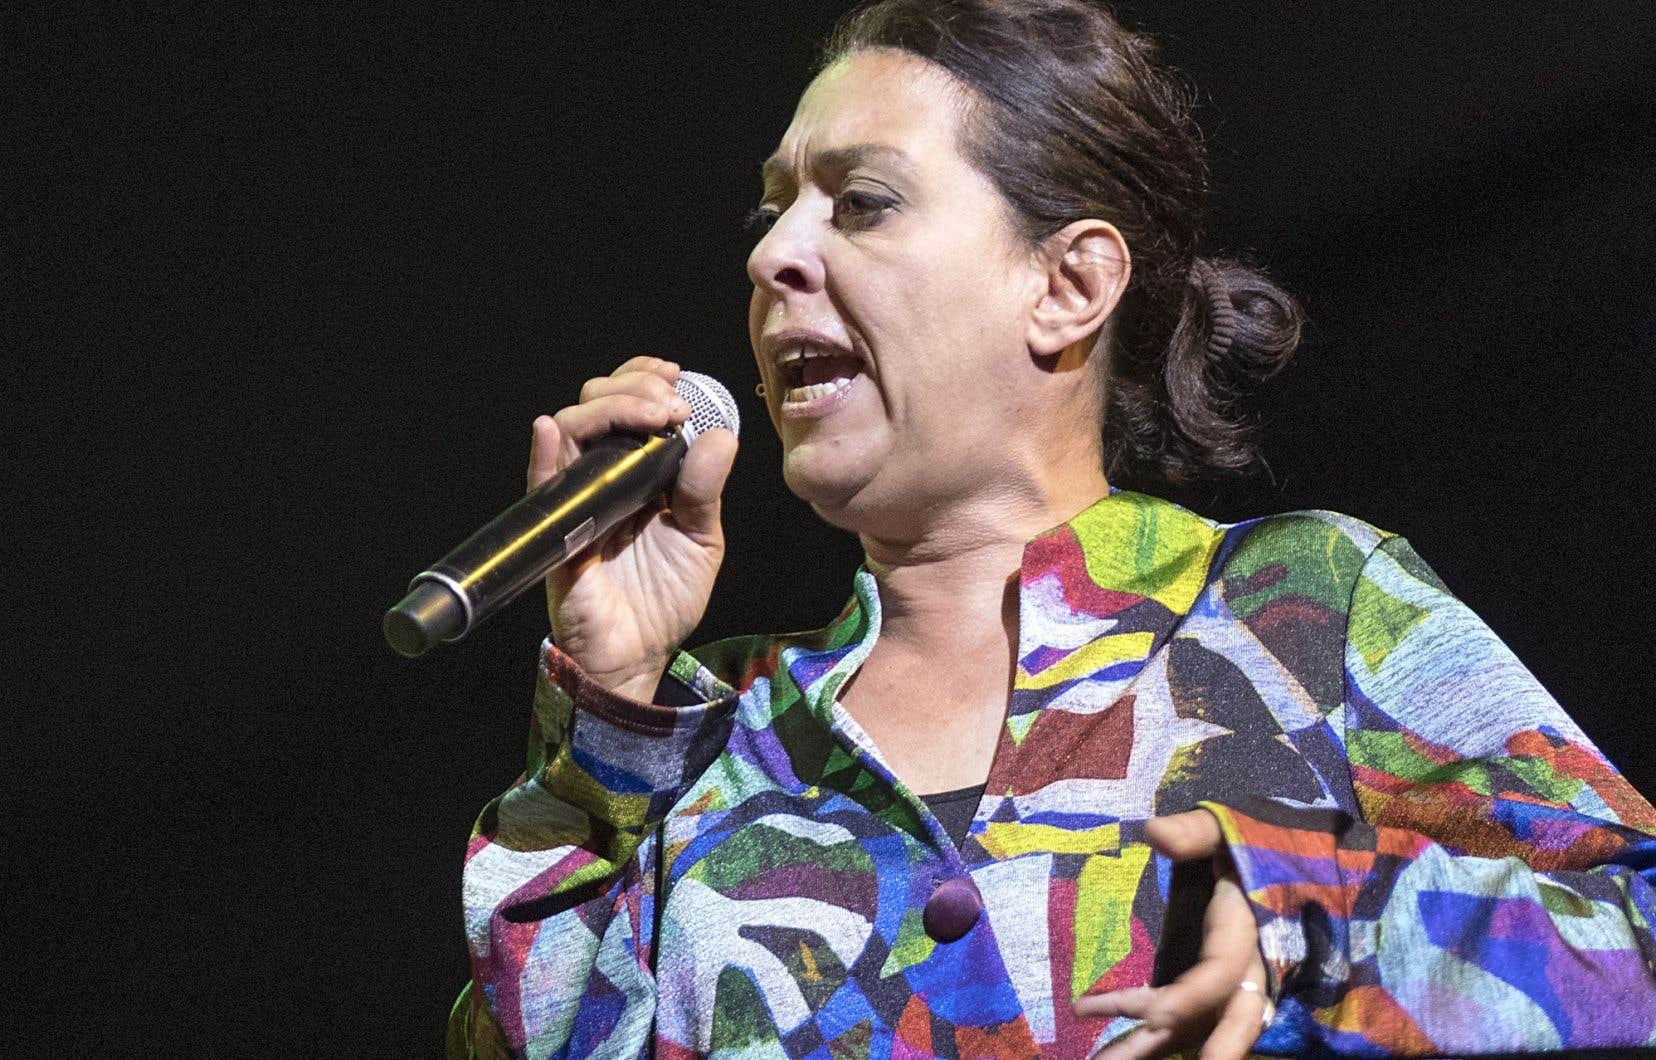 La couverture médiatique des projets récents de Betty Bonifassi nous laisse penser que la chanteuse n'est plus une artiste québécoise, bien qu'elle vive au Québec depuis des années, souligne l'auteur.